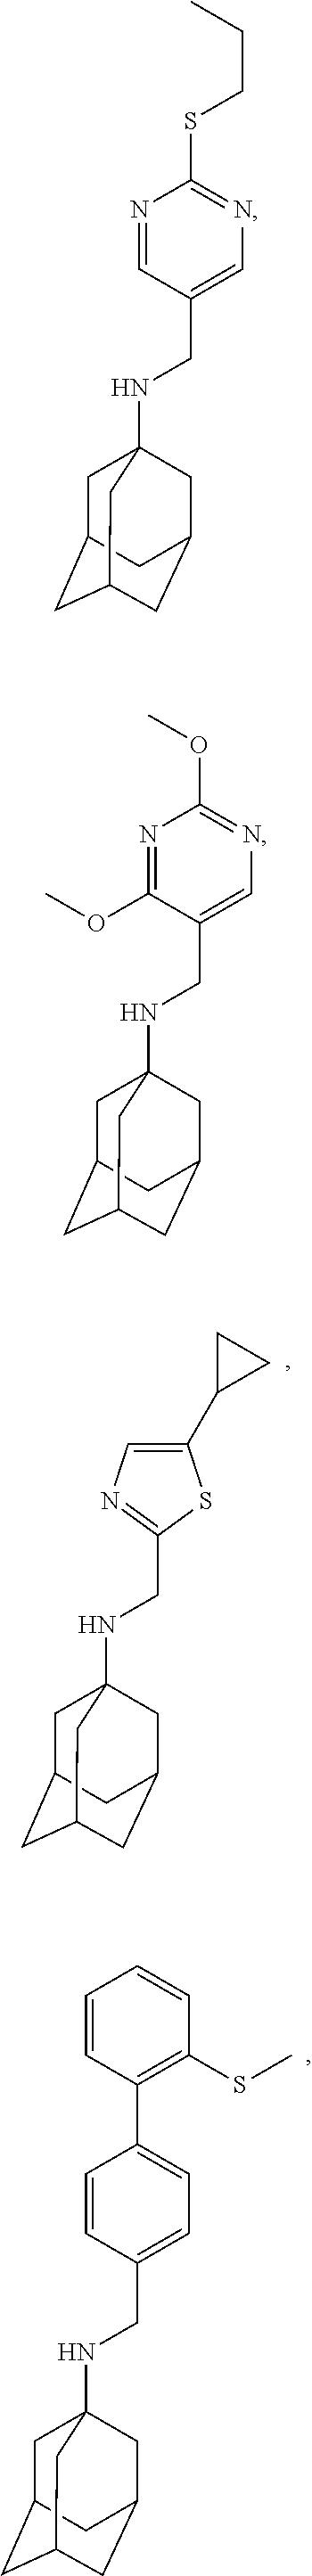 Figure US09884832-20180206-C00090